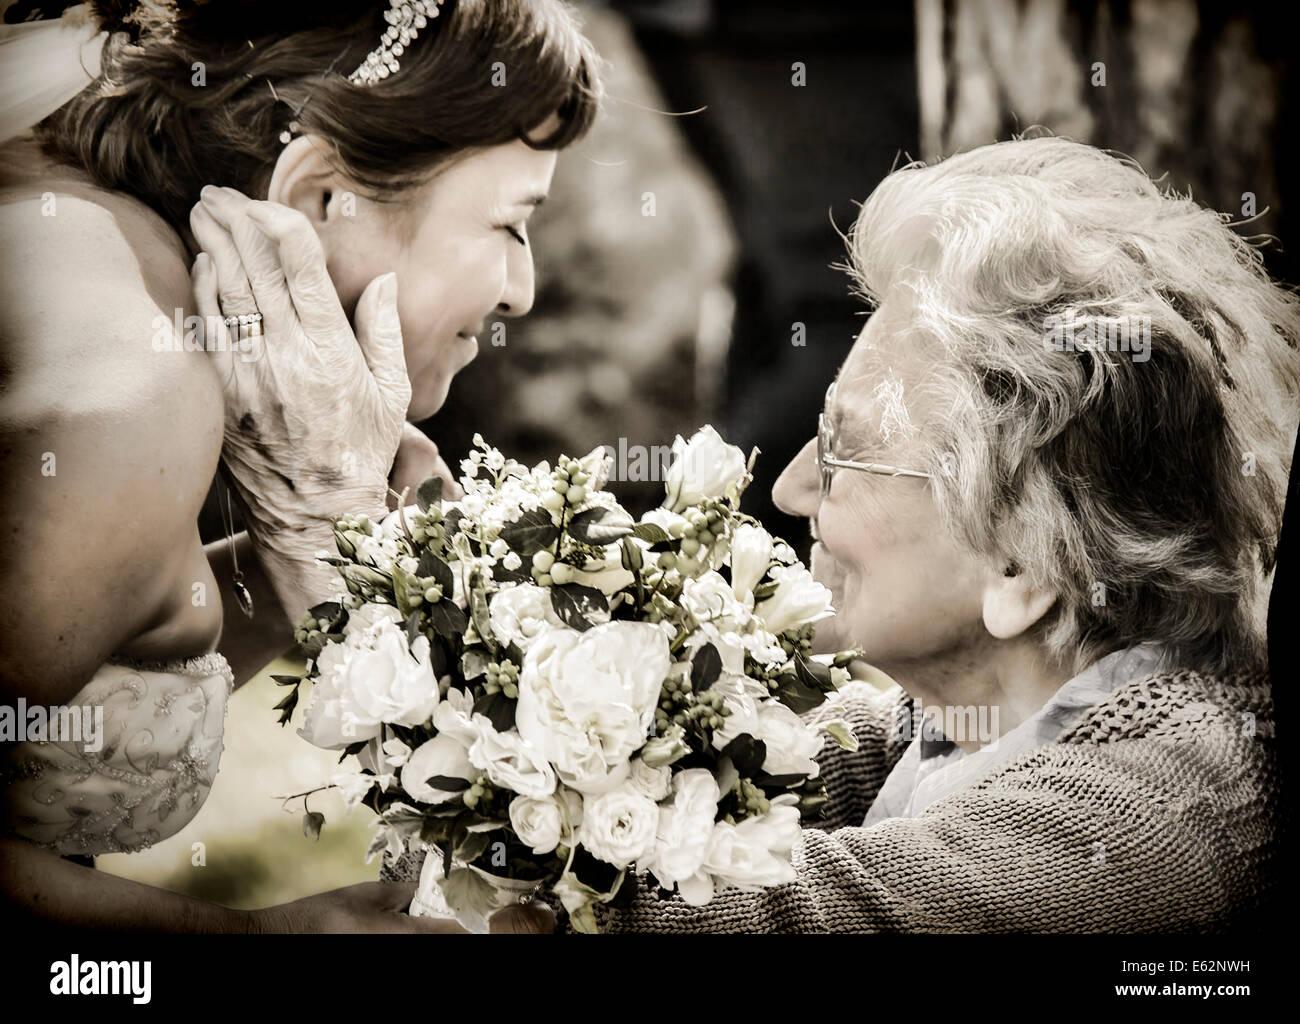 Eine Großmutter begrüßt und beglückwünscht ihre Enkelin an ihrem Hochzeitstag Stockbild